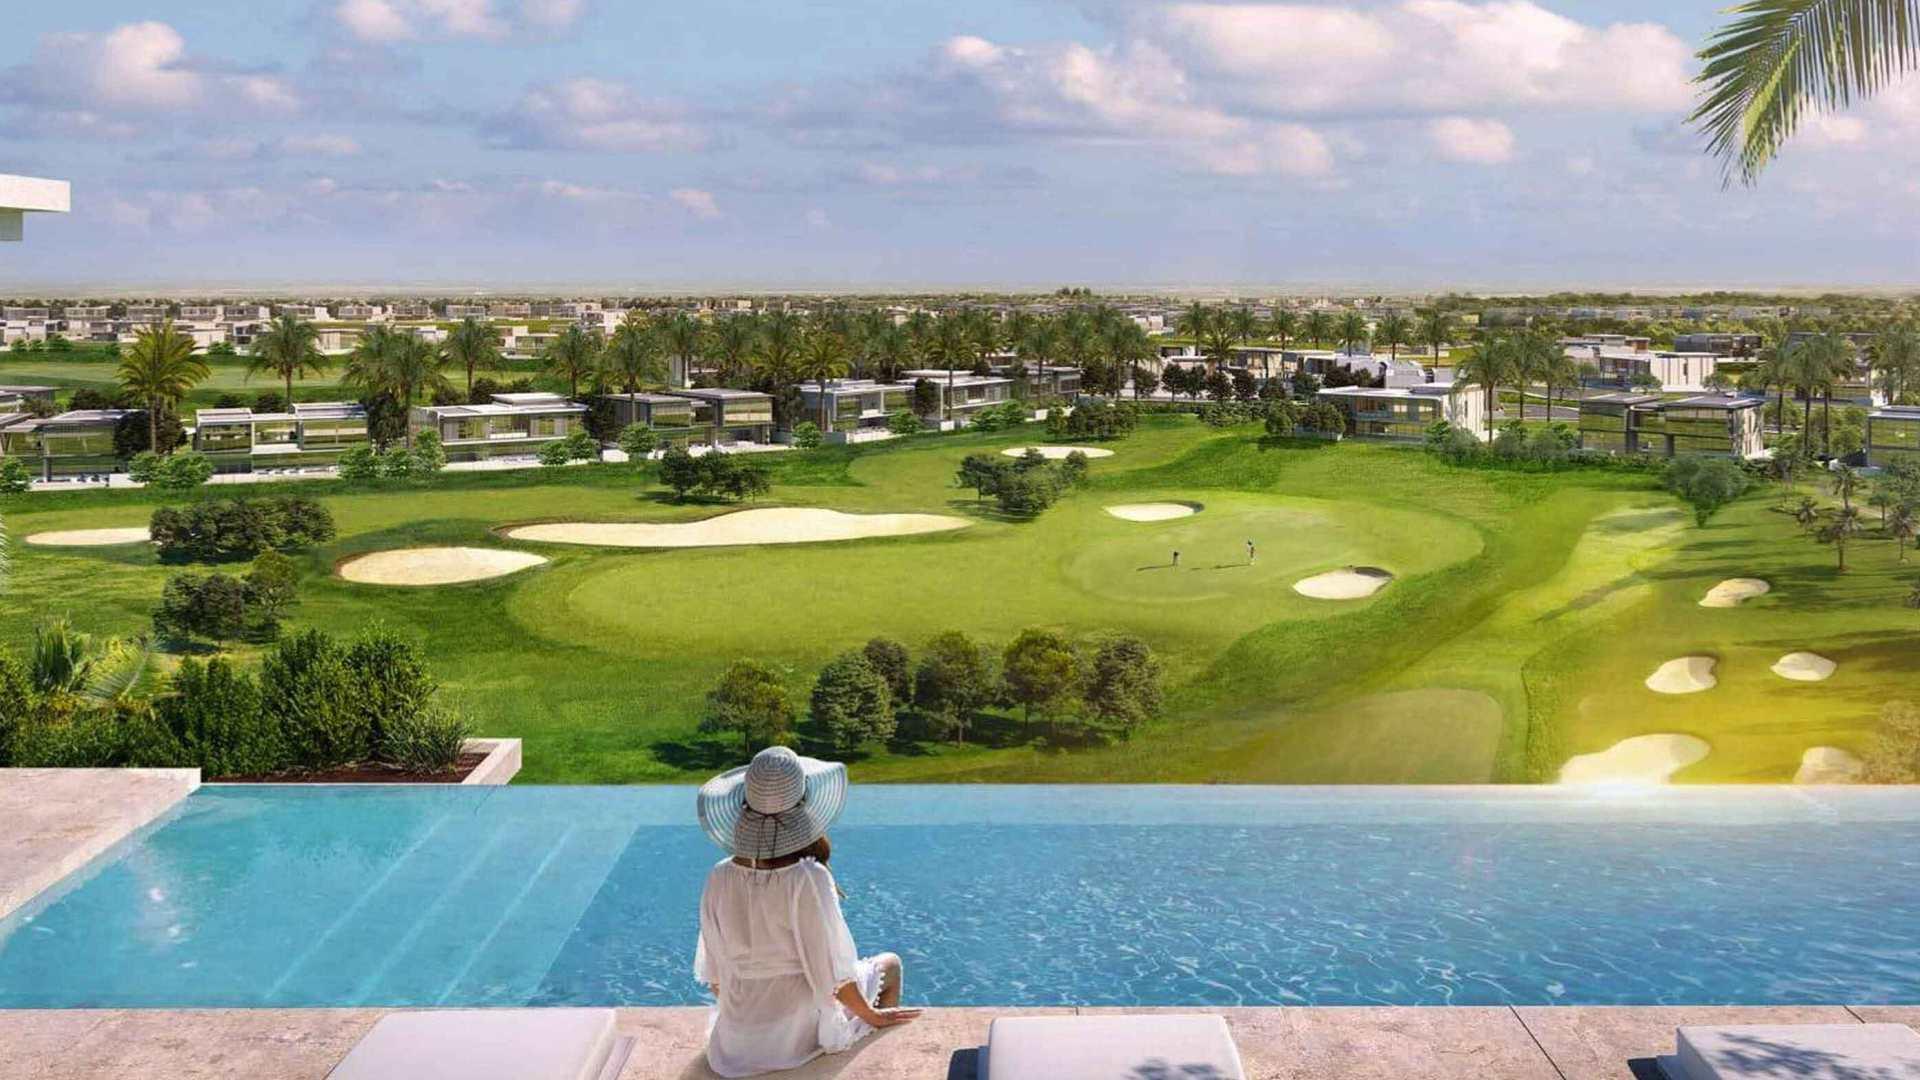 Apartamento en venta en Dubai, EAU, 2 dormitorios, 104 m2, № 24367 – foto 3